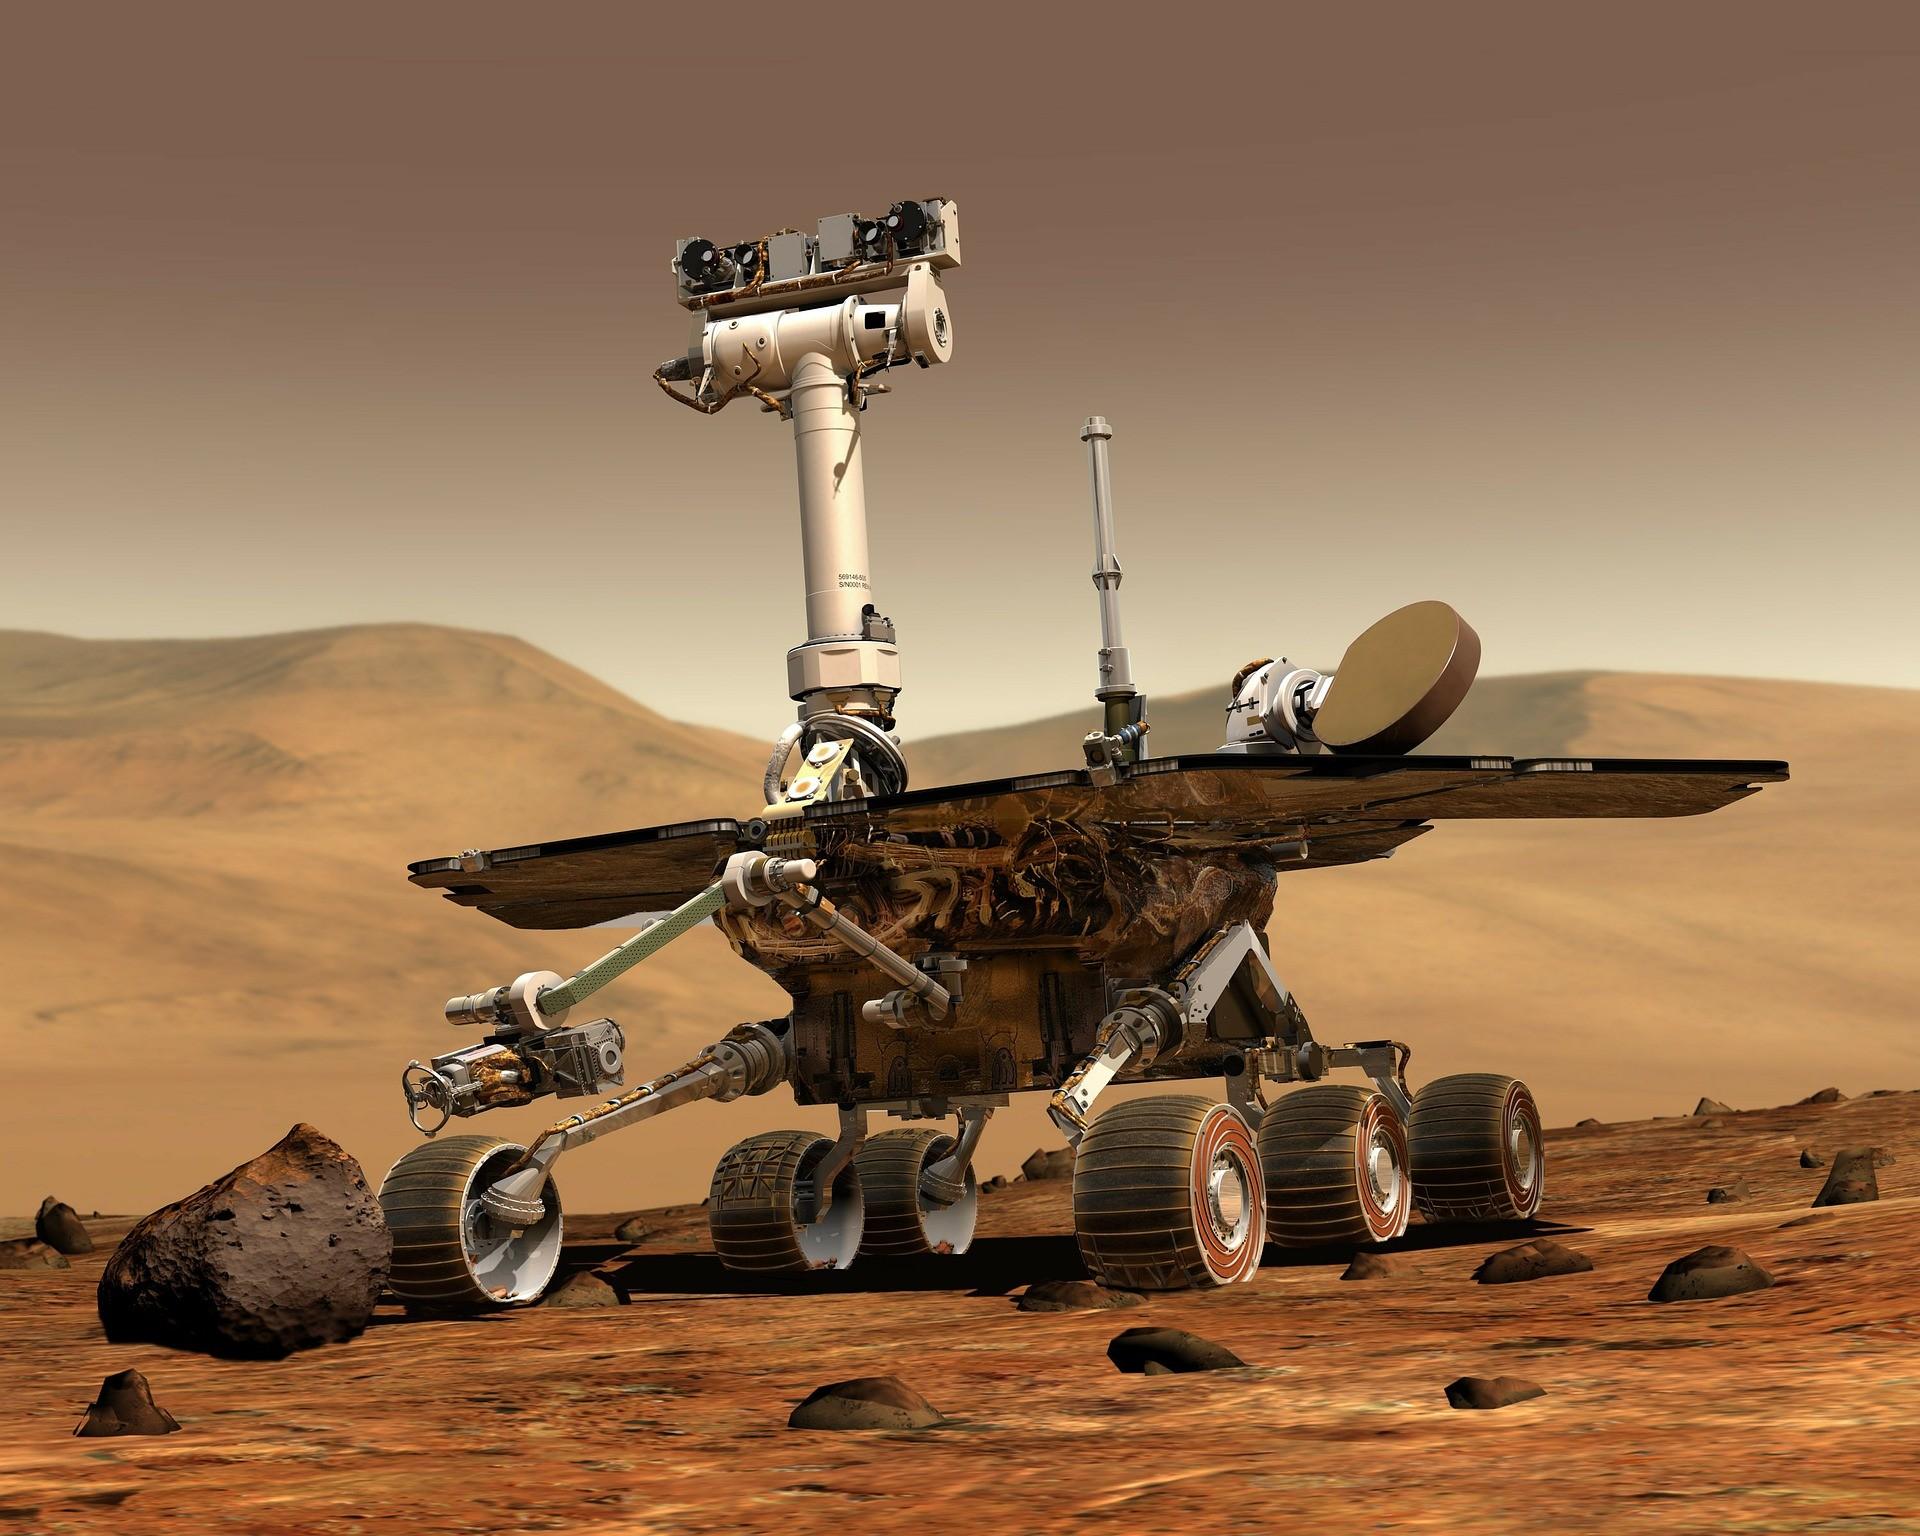 Colonies on Mars?